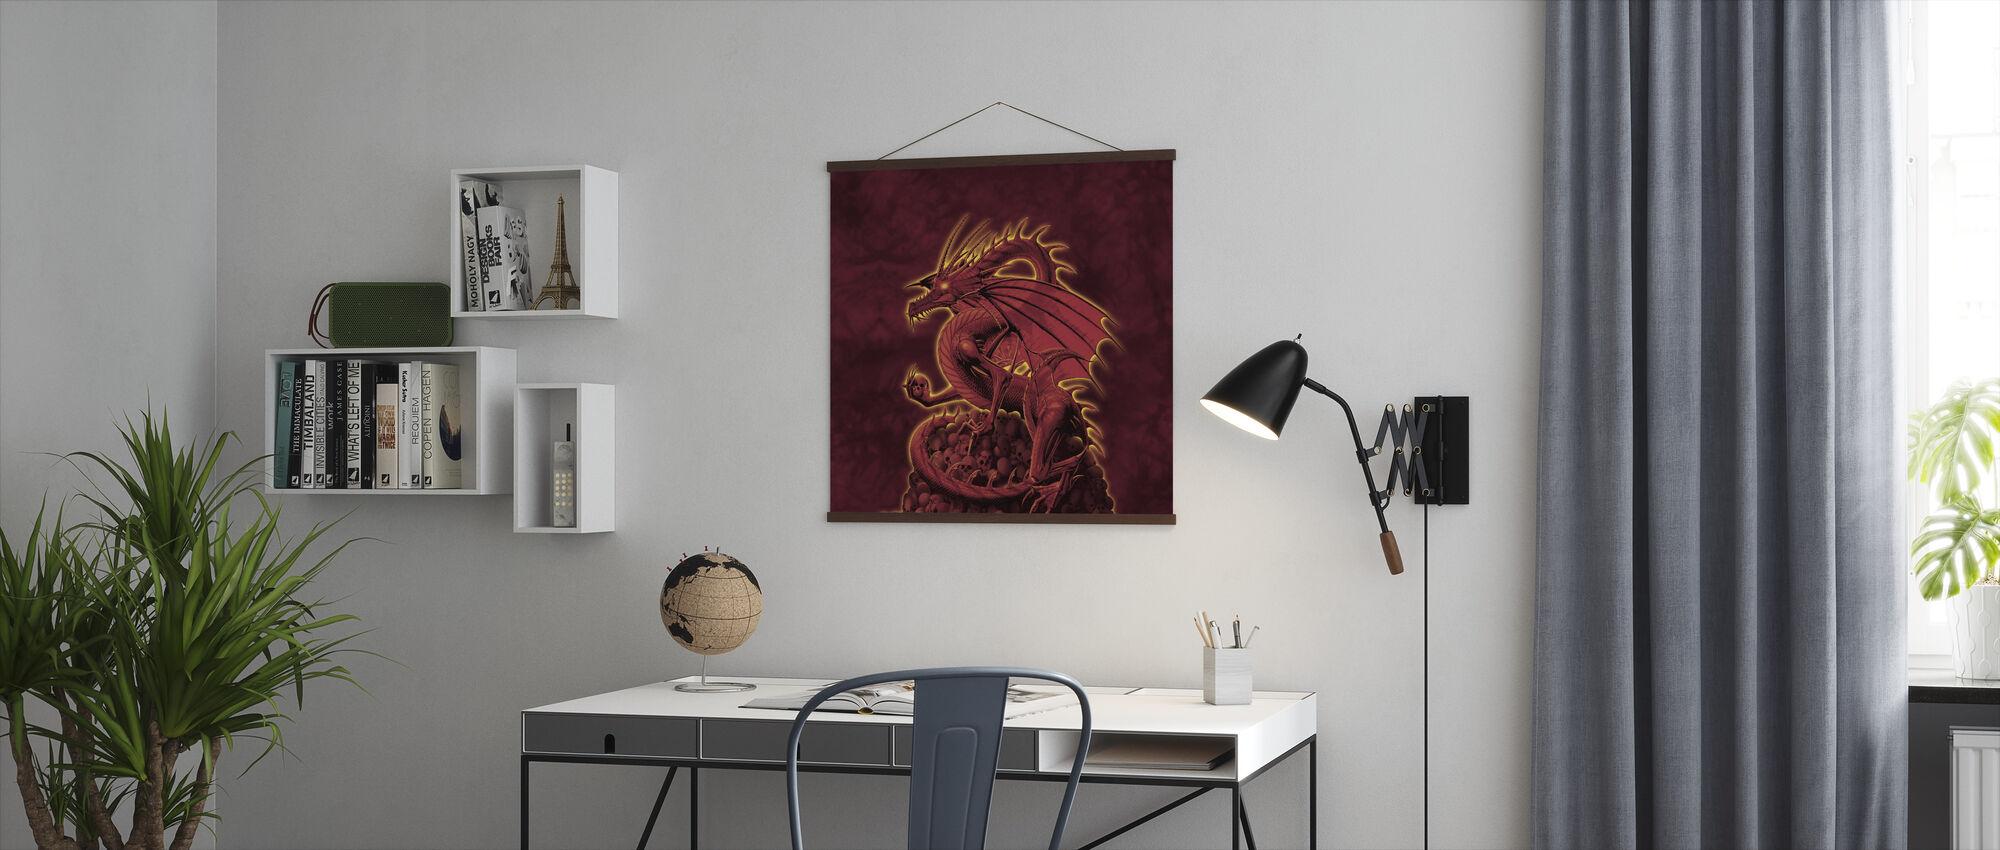 Wersja czerwona zlikwidowana - Plakat - Biuro